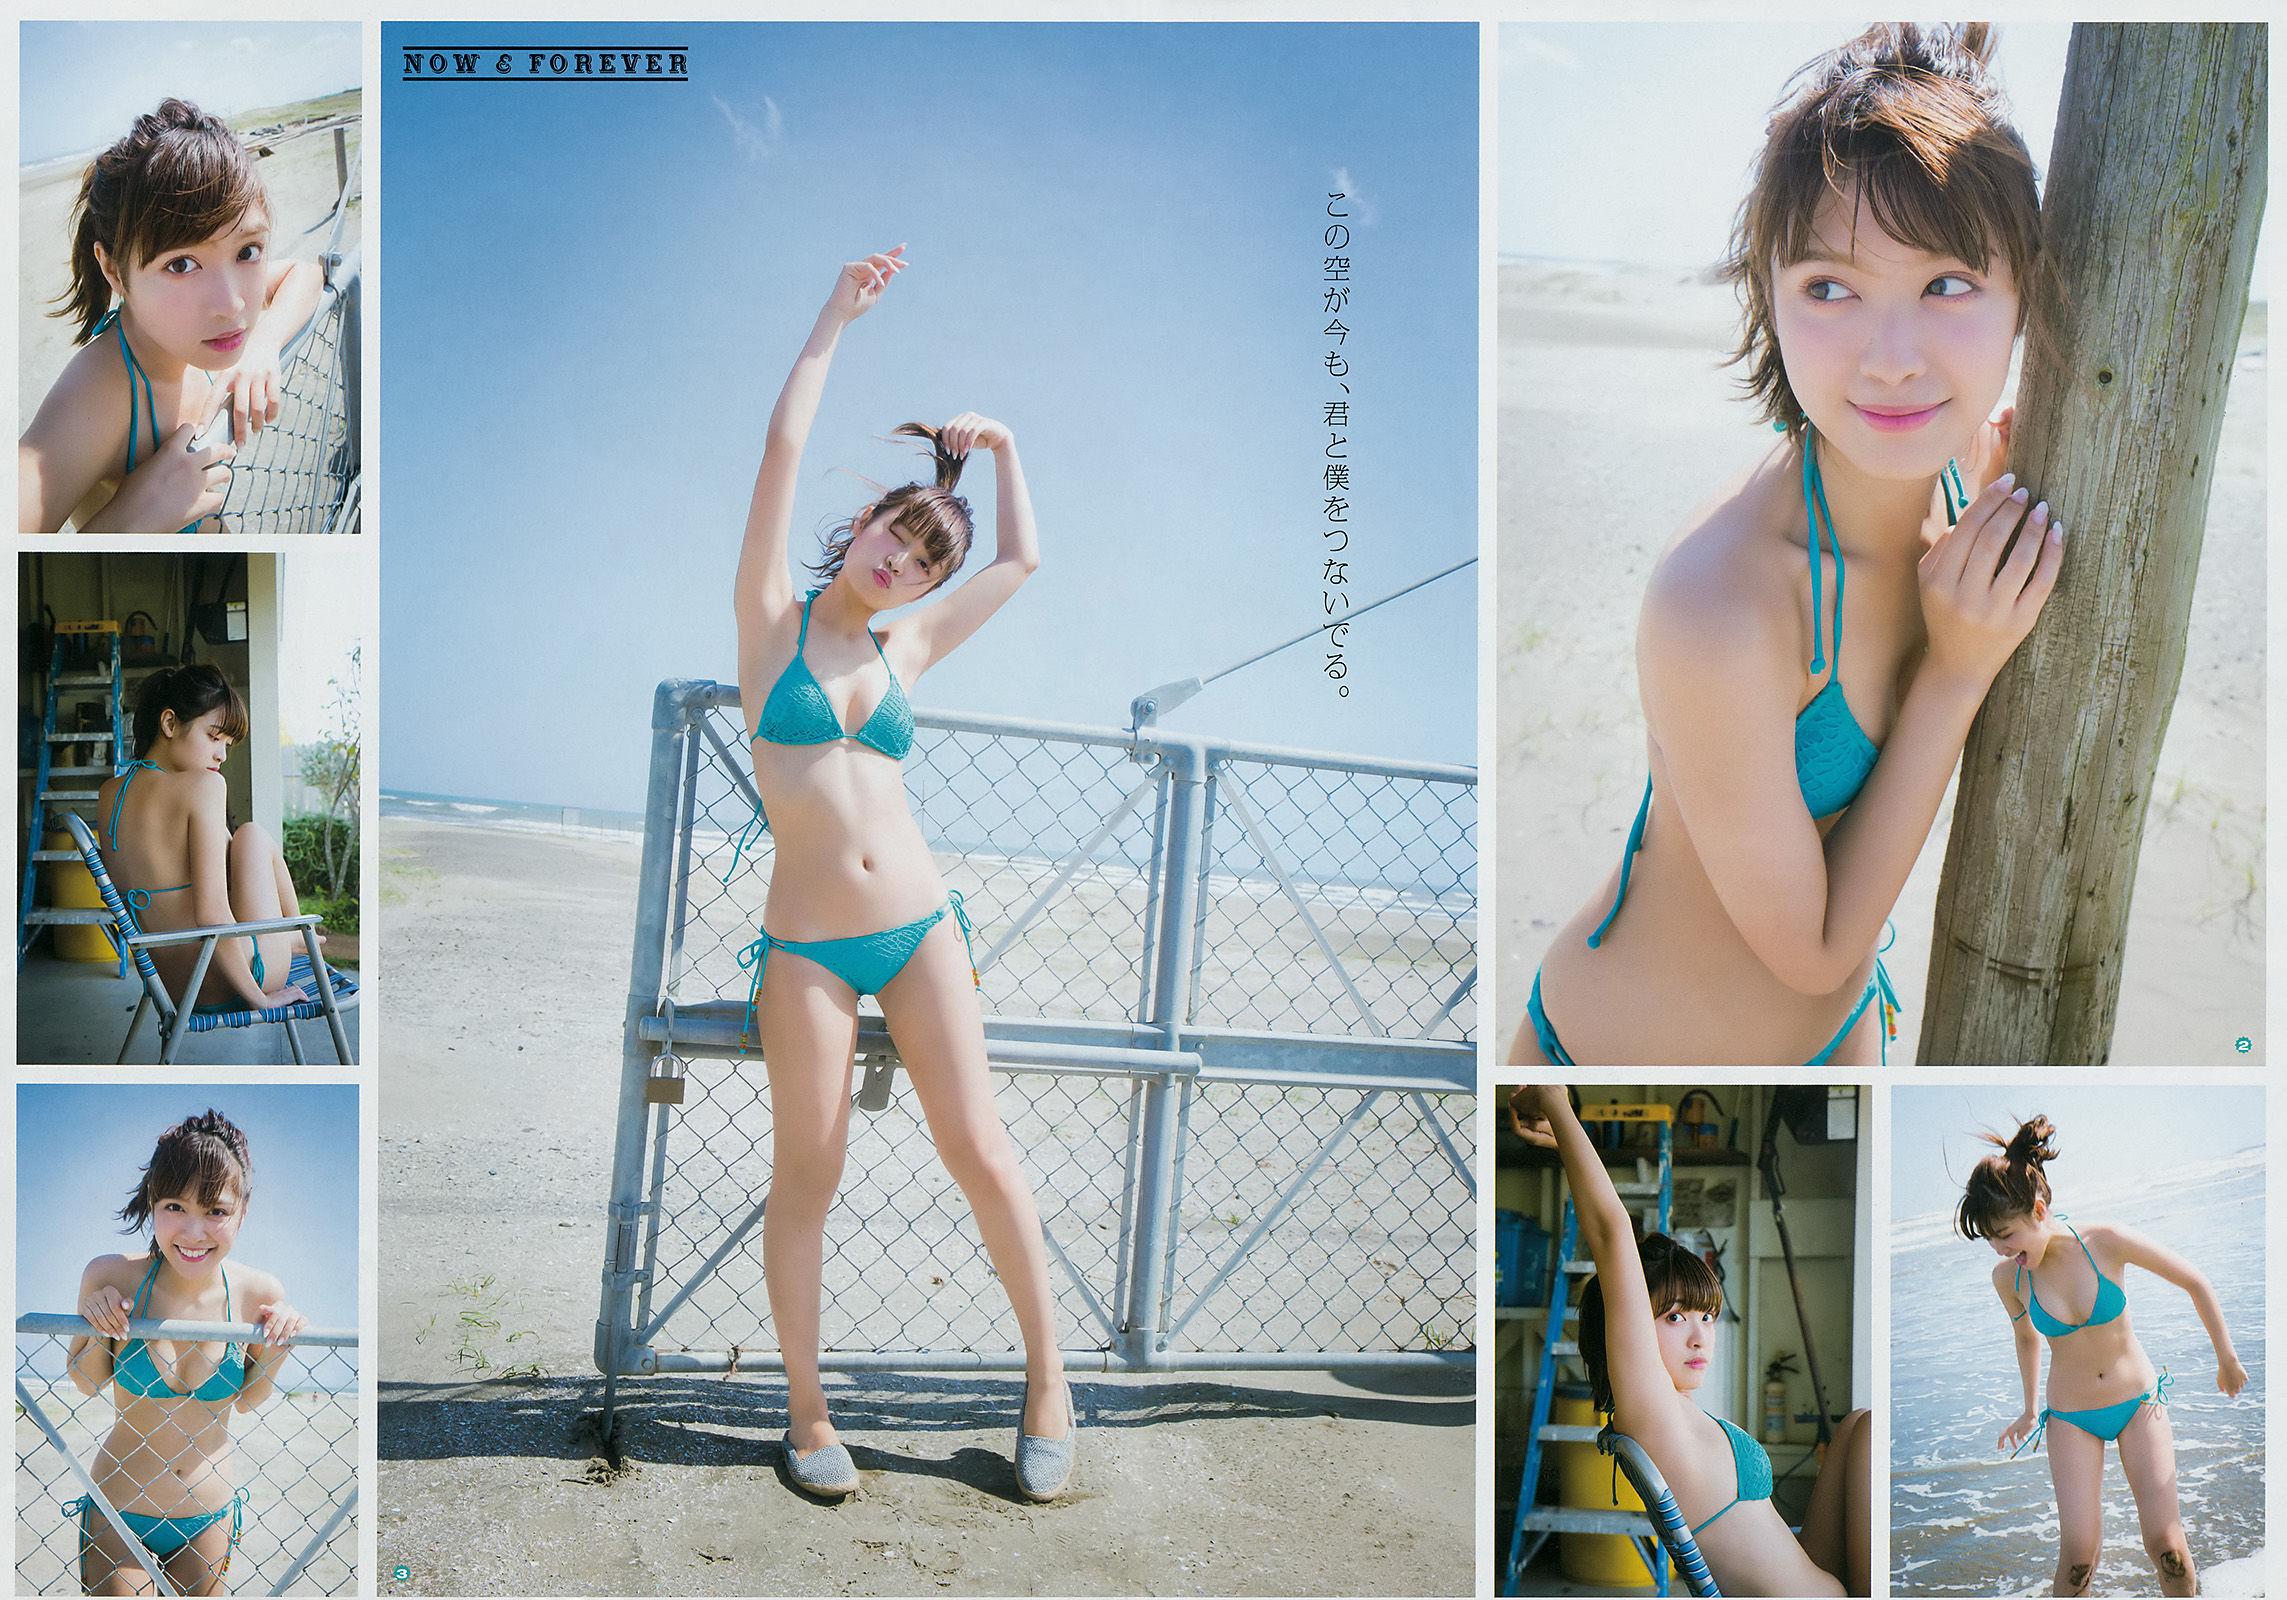 VOL.538 [Young Gangan]女神正妹:松本爱超高清写真套图(24P)